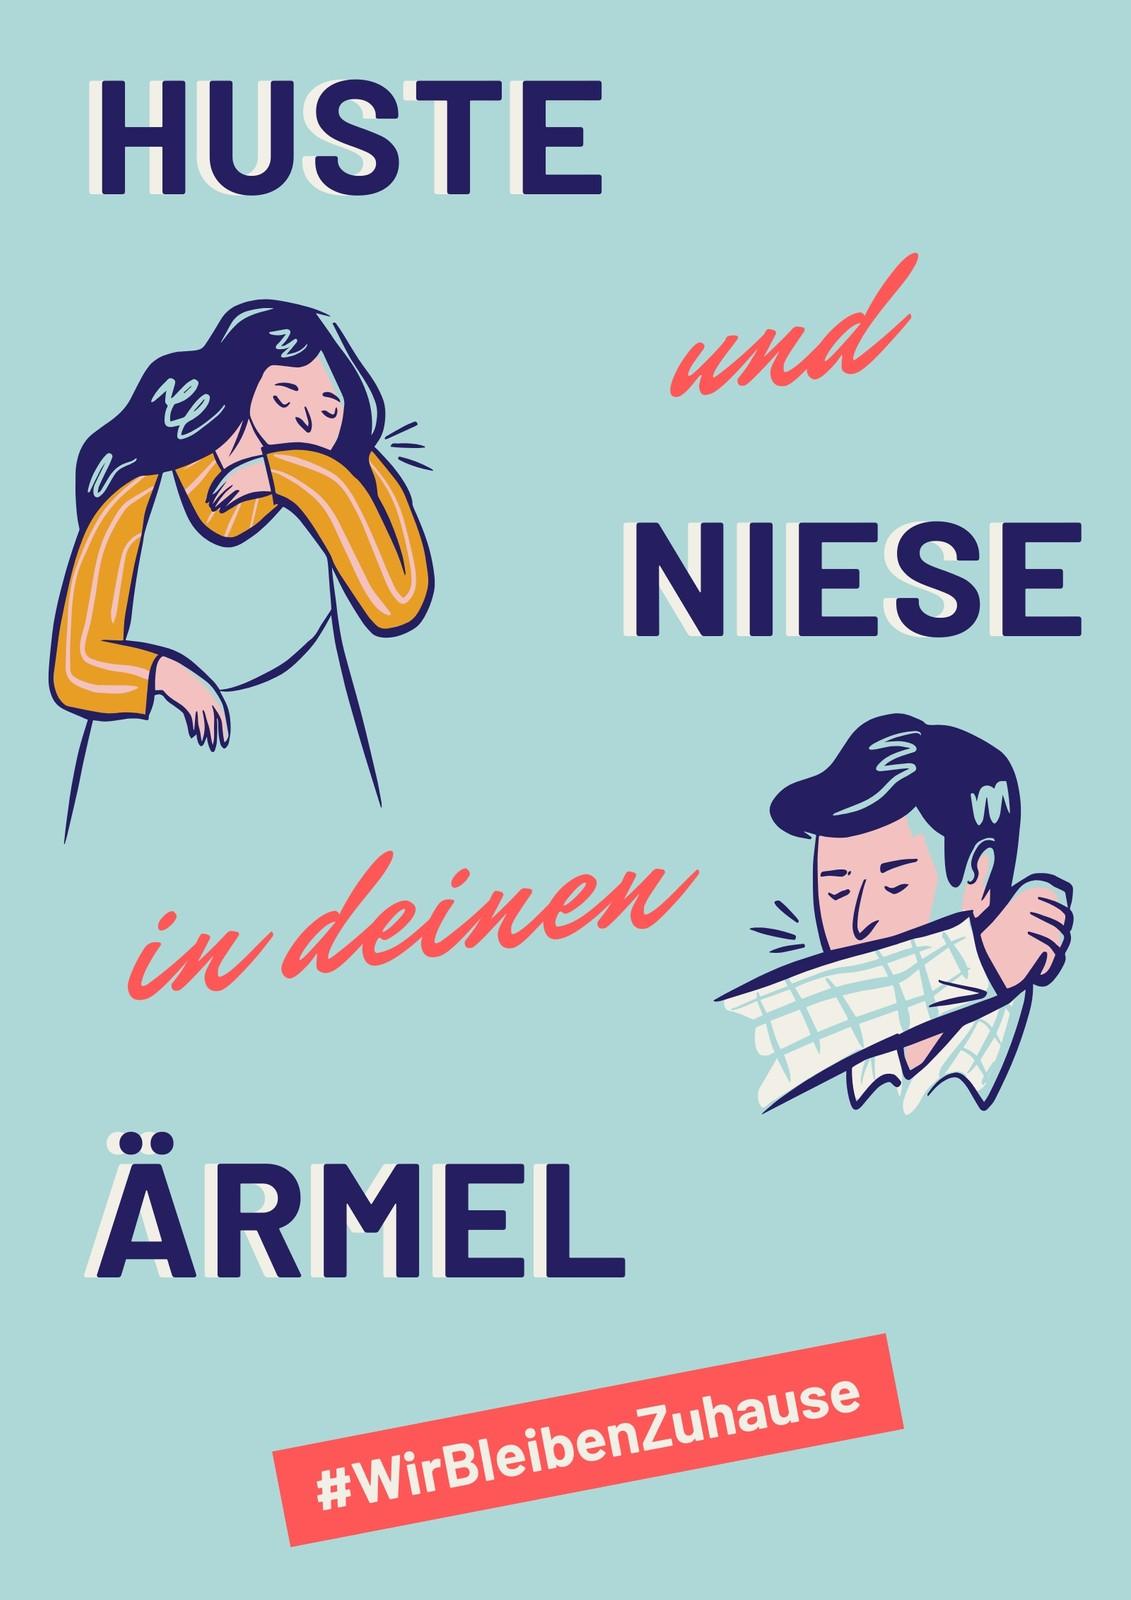 Blaues Husten & Niesen Gesundheits-Poster